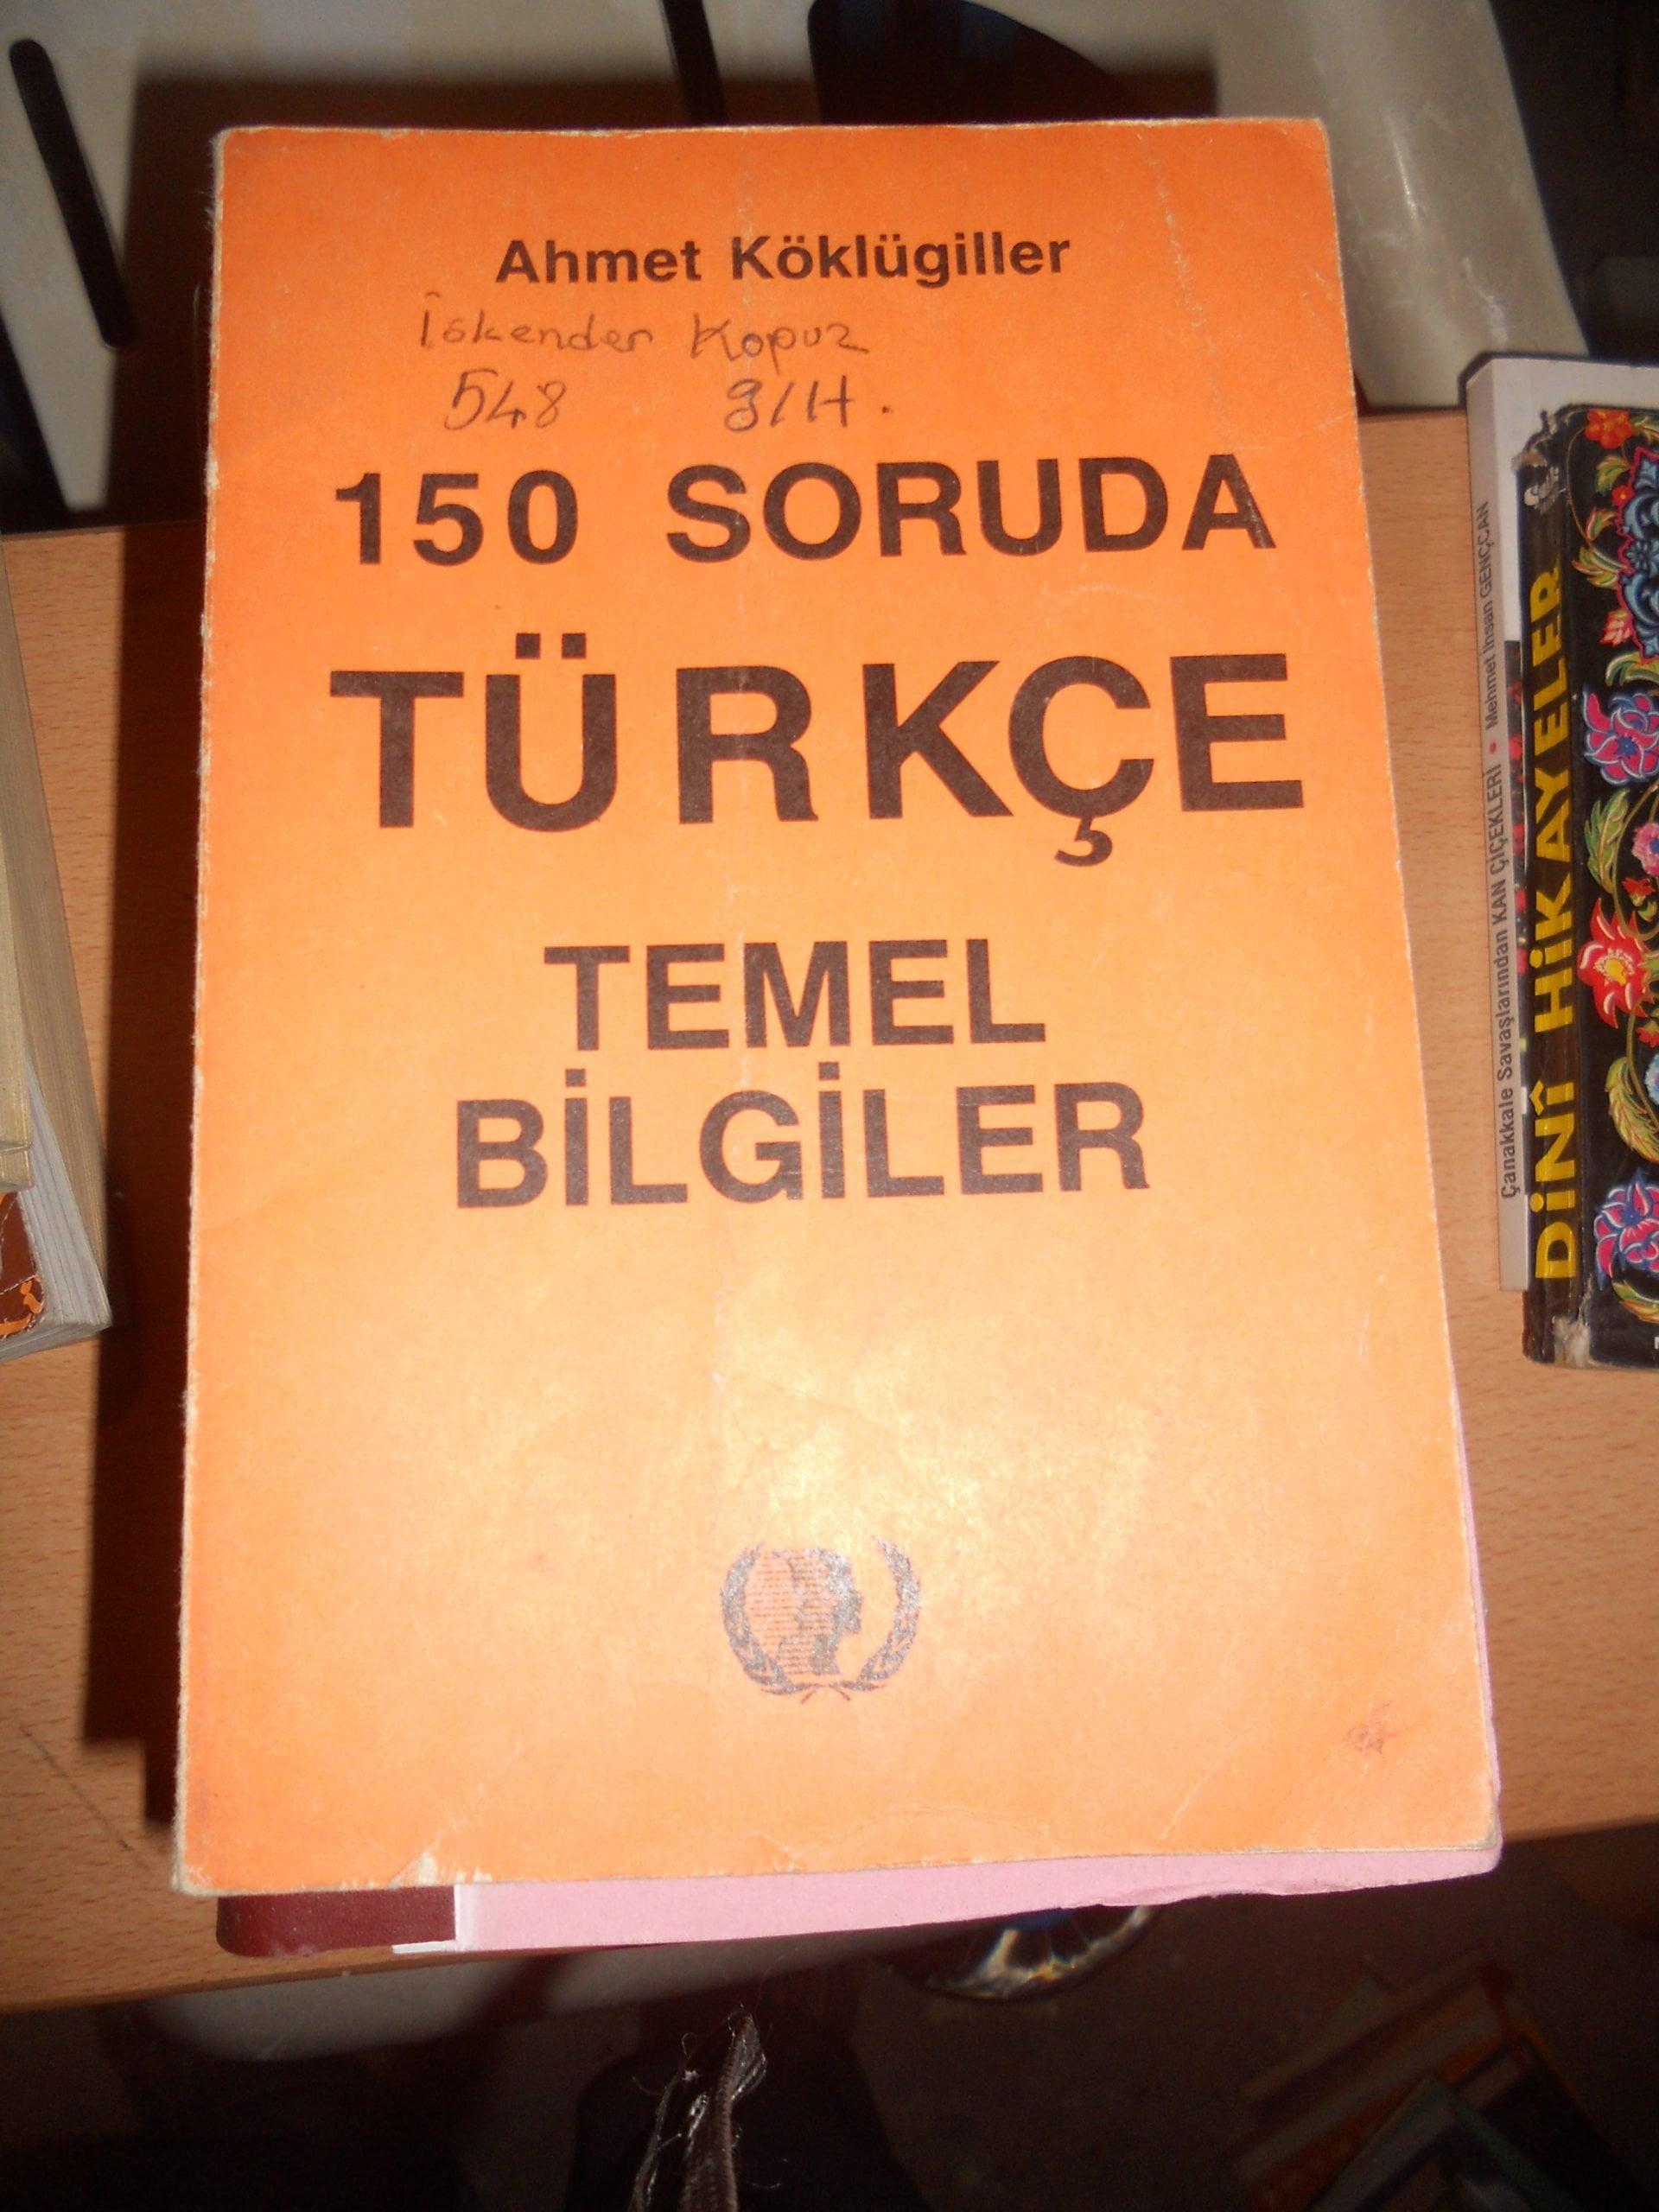 150 soruda TÜRKÇE TEMEL BİLGİLER/Ahmet KÖKLÜGİLLER/ 10 TL